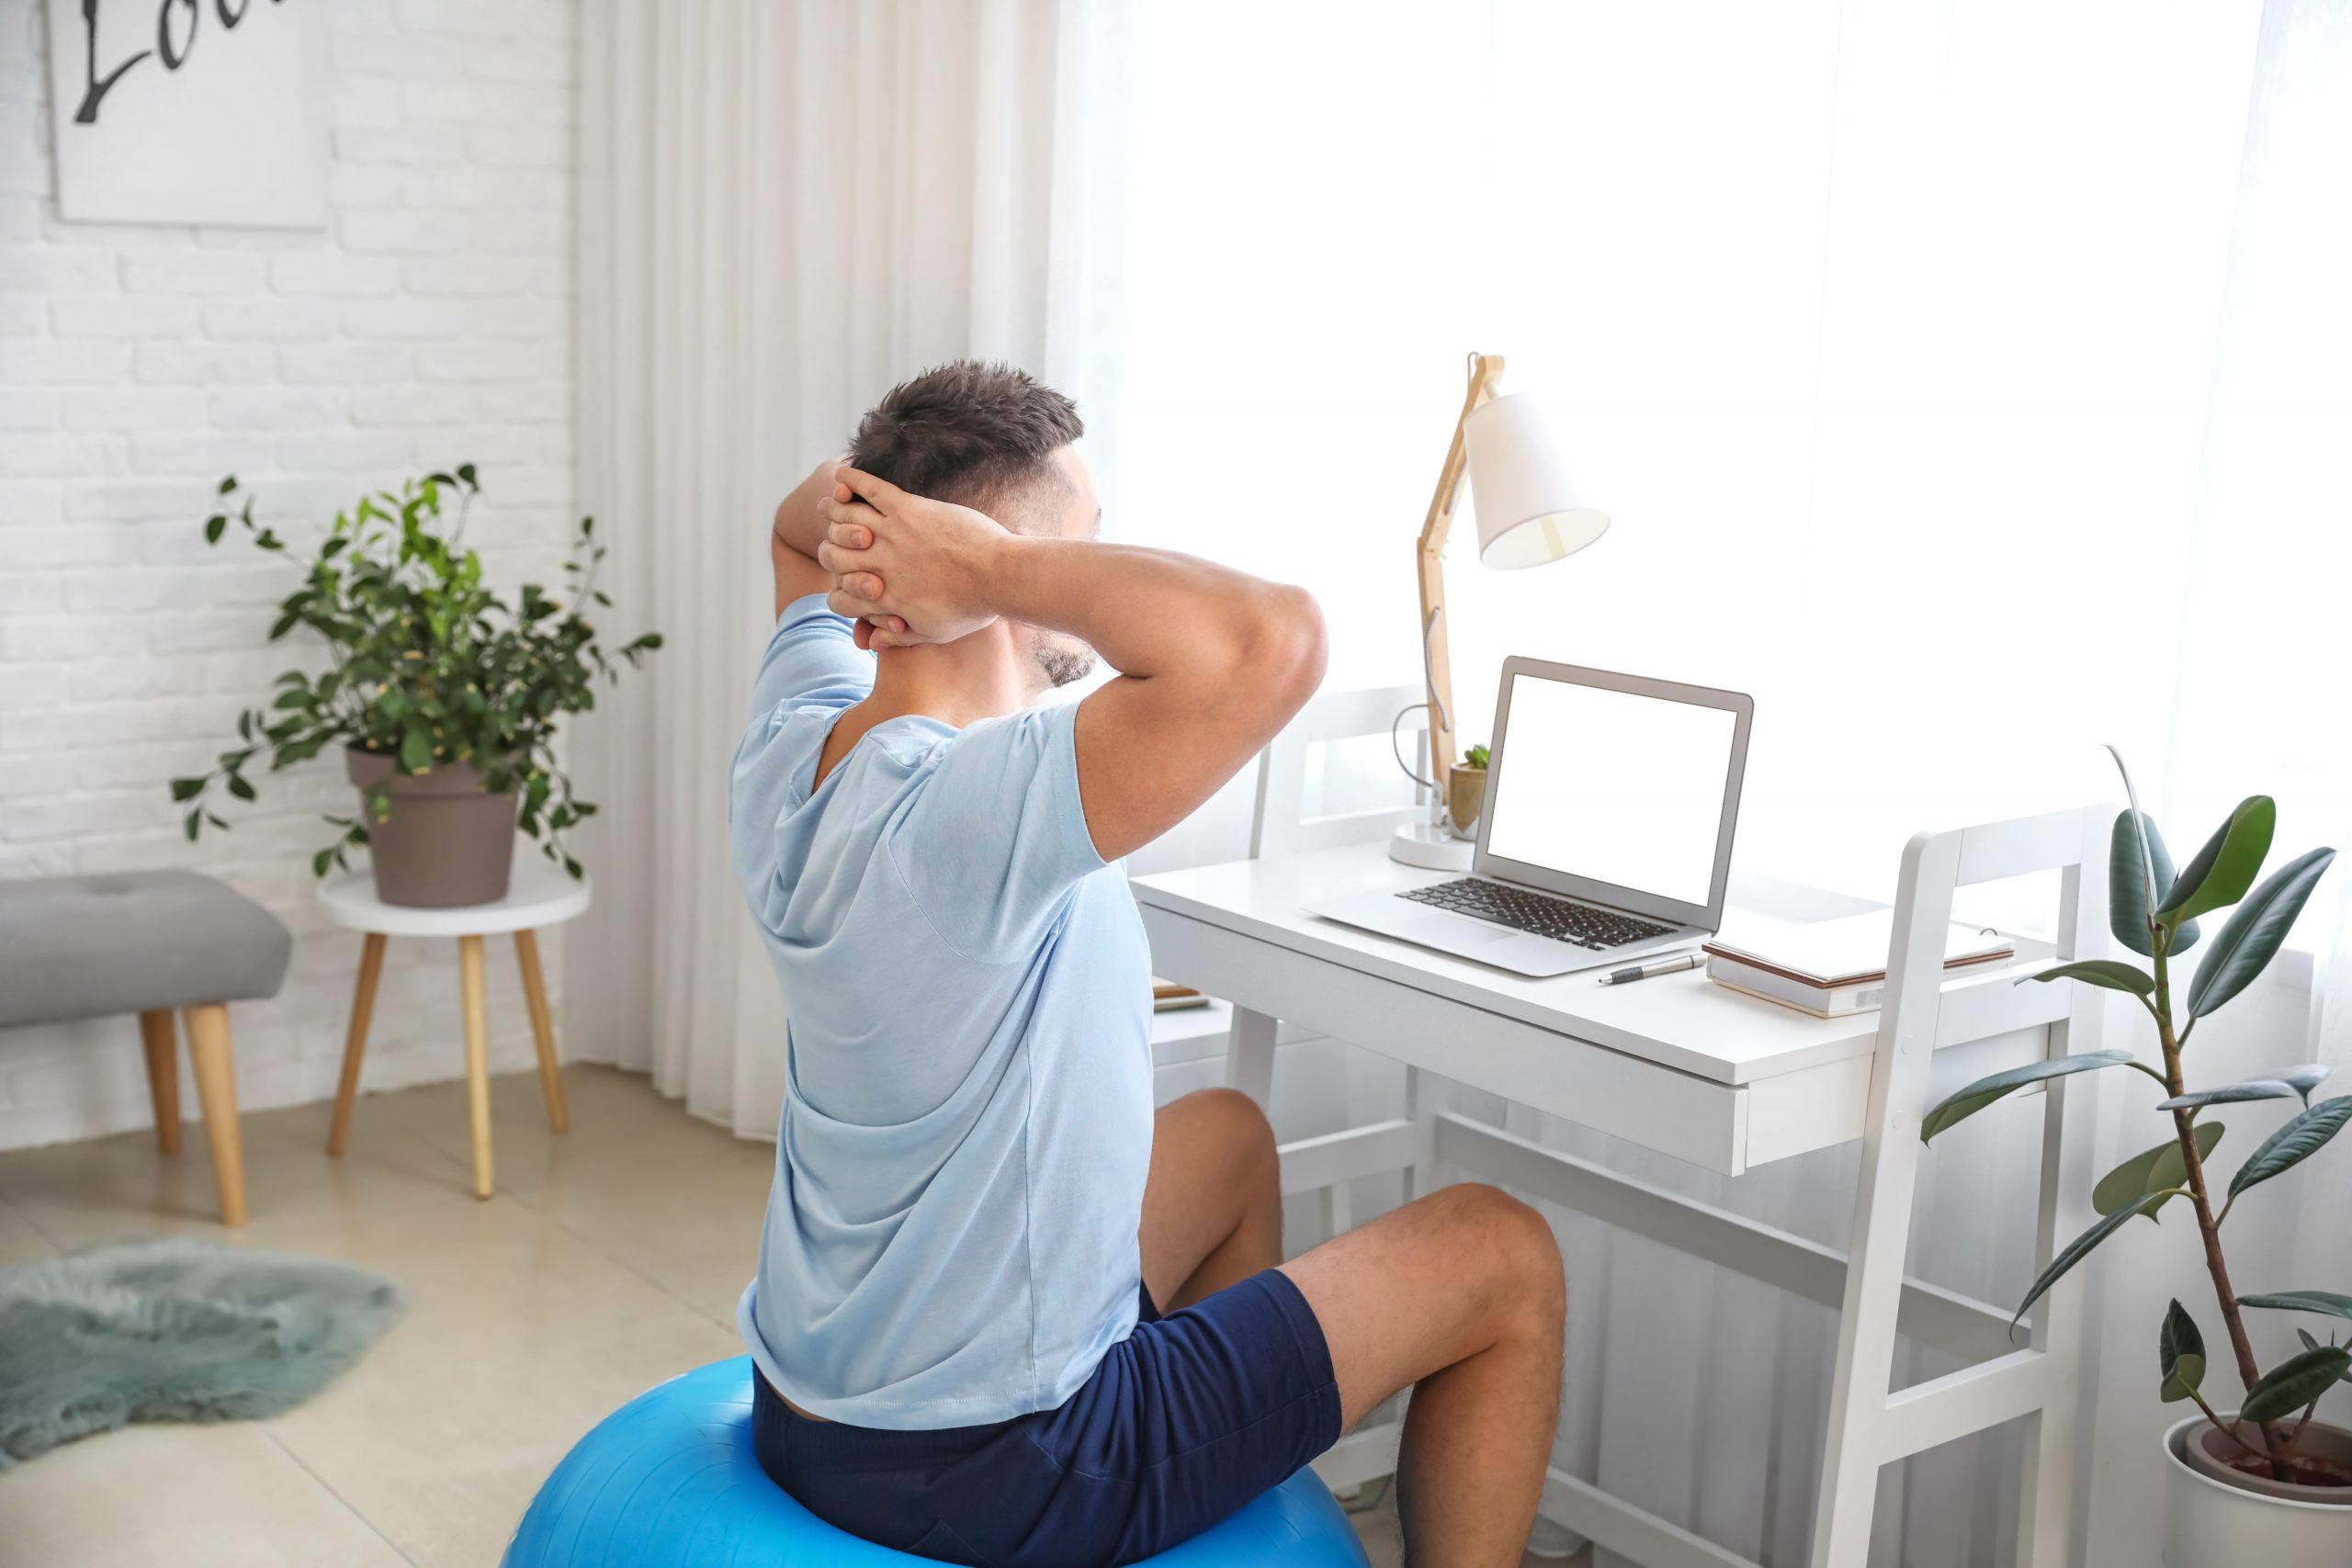 Η μπάλα pilates μπορεί να αποτελέσει ακόμη και κάθισμα για το γραφείο σου